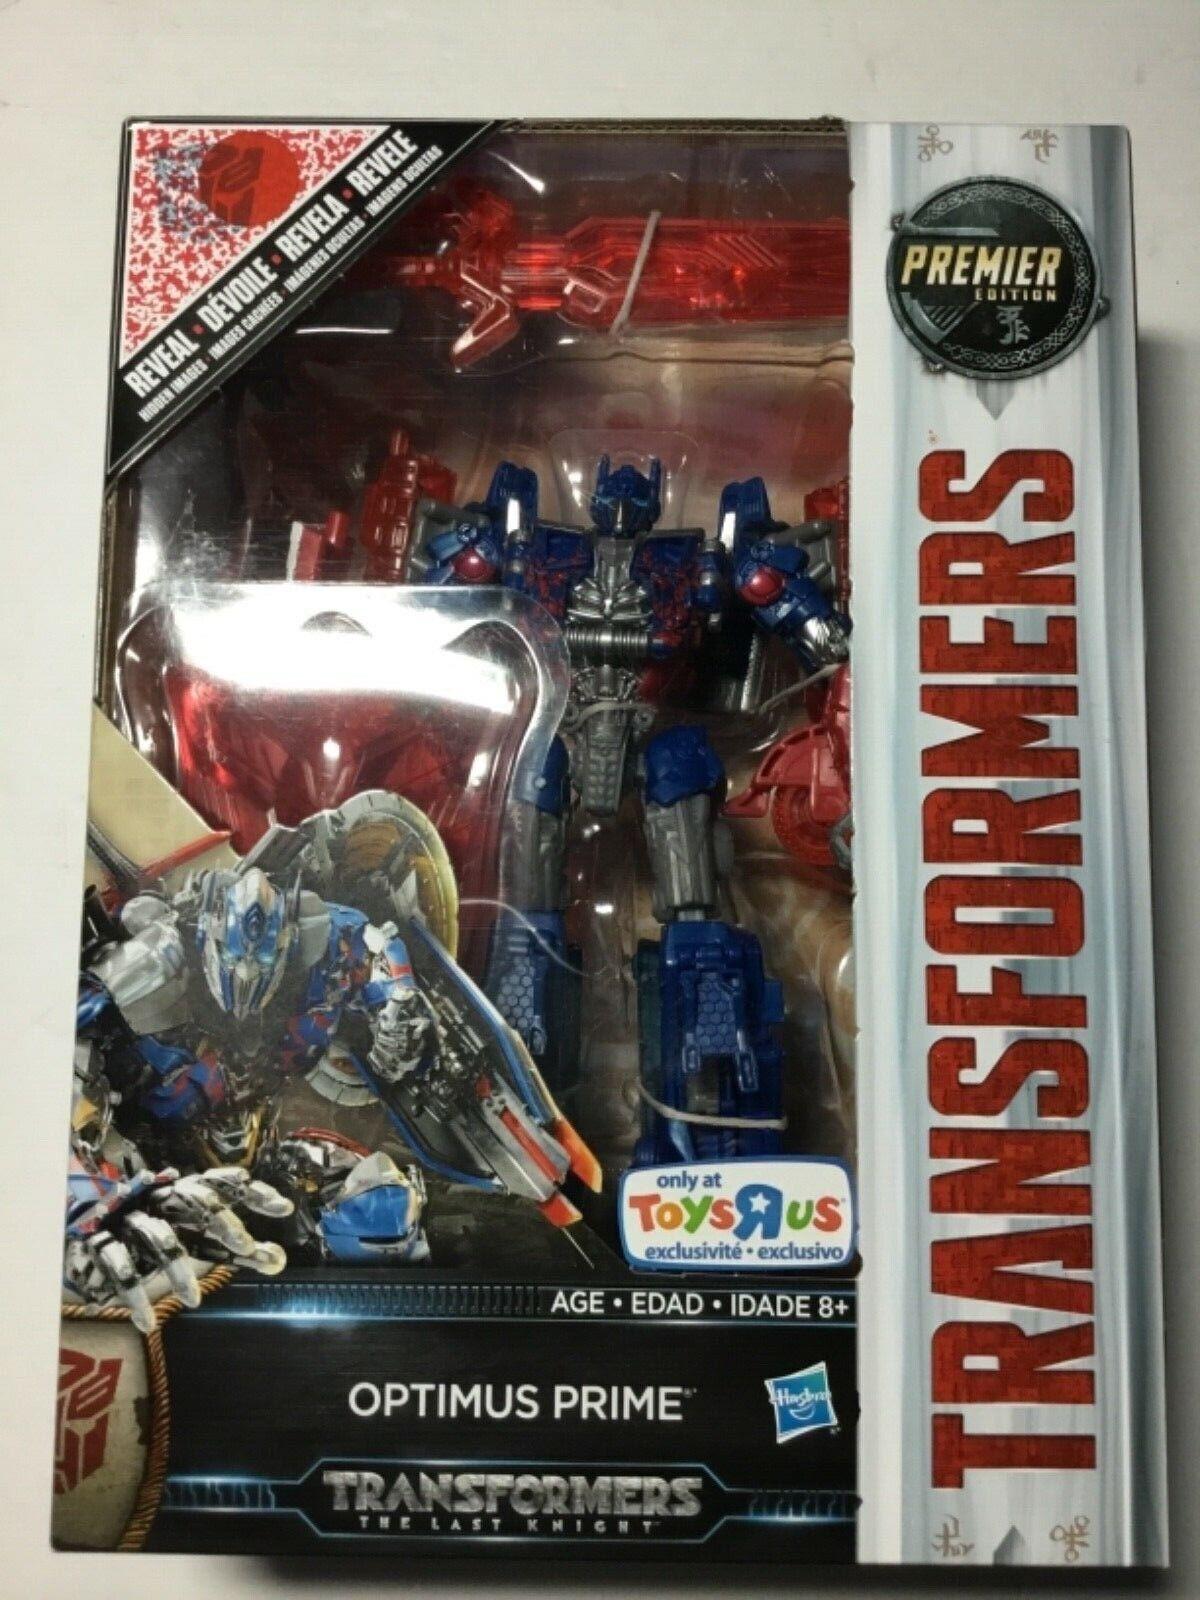 Transformers Premier edizione Voyager Optimus Prime giocattoli r us exclusive HTF